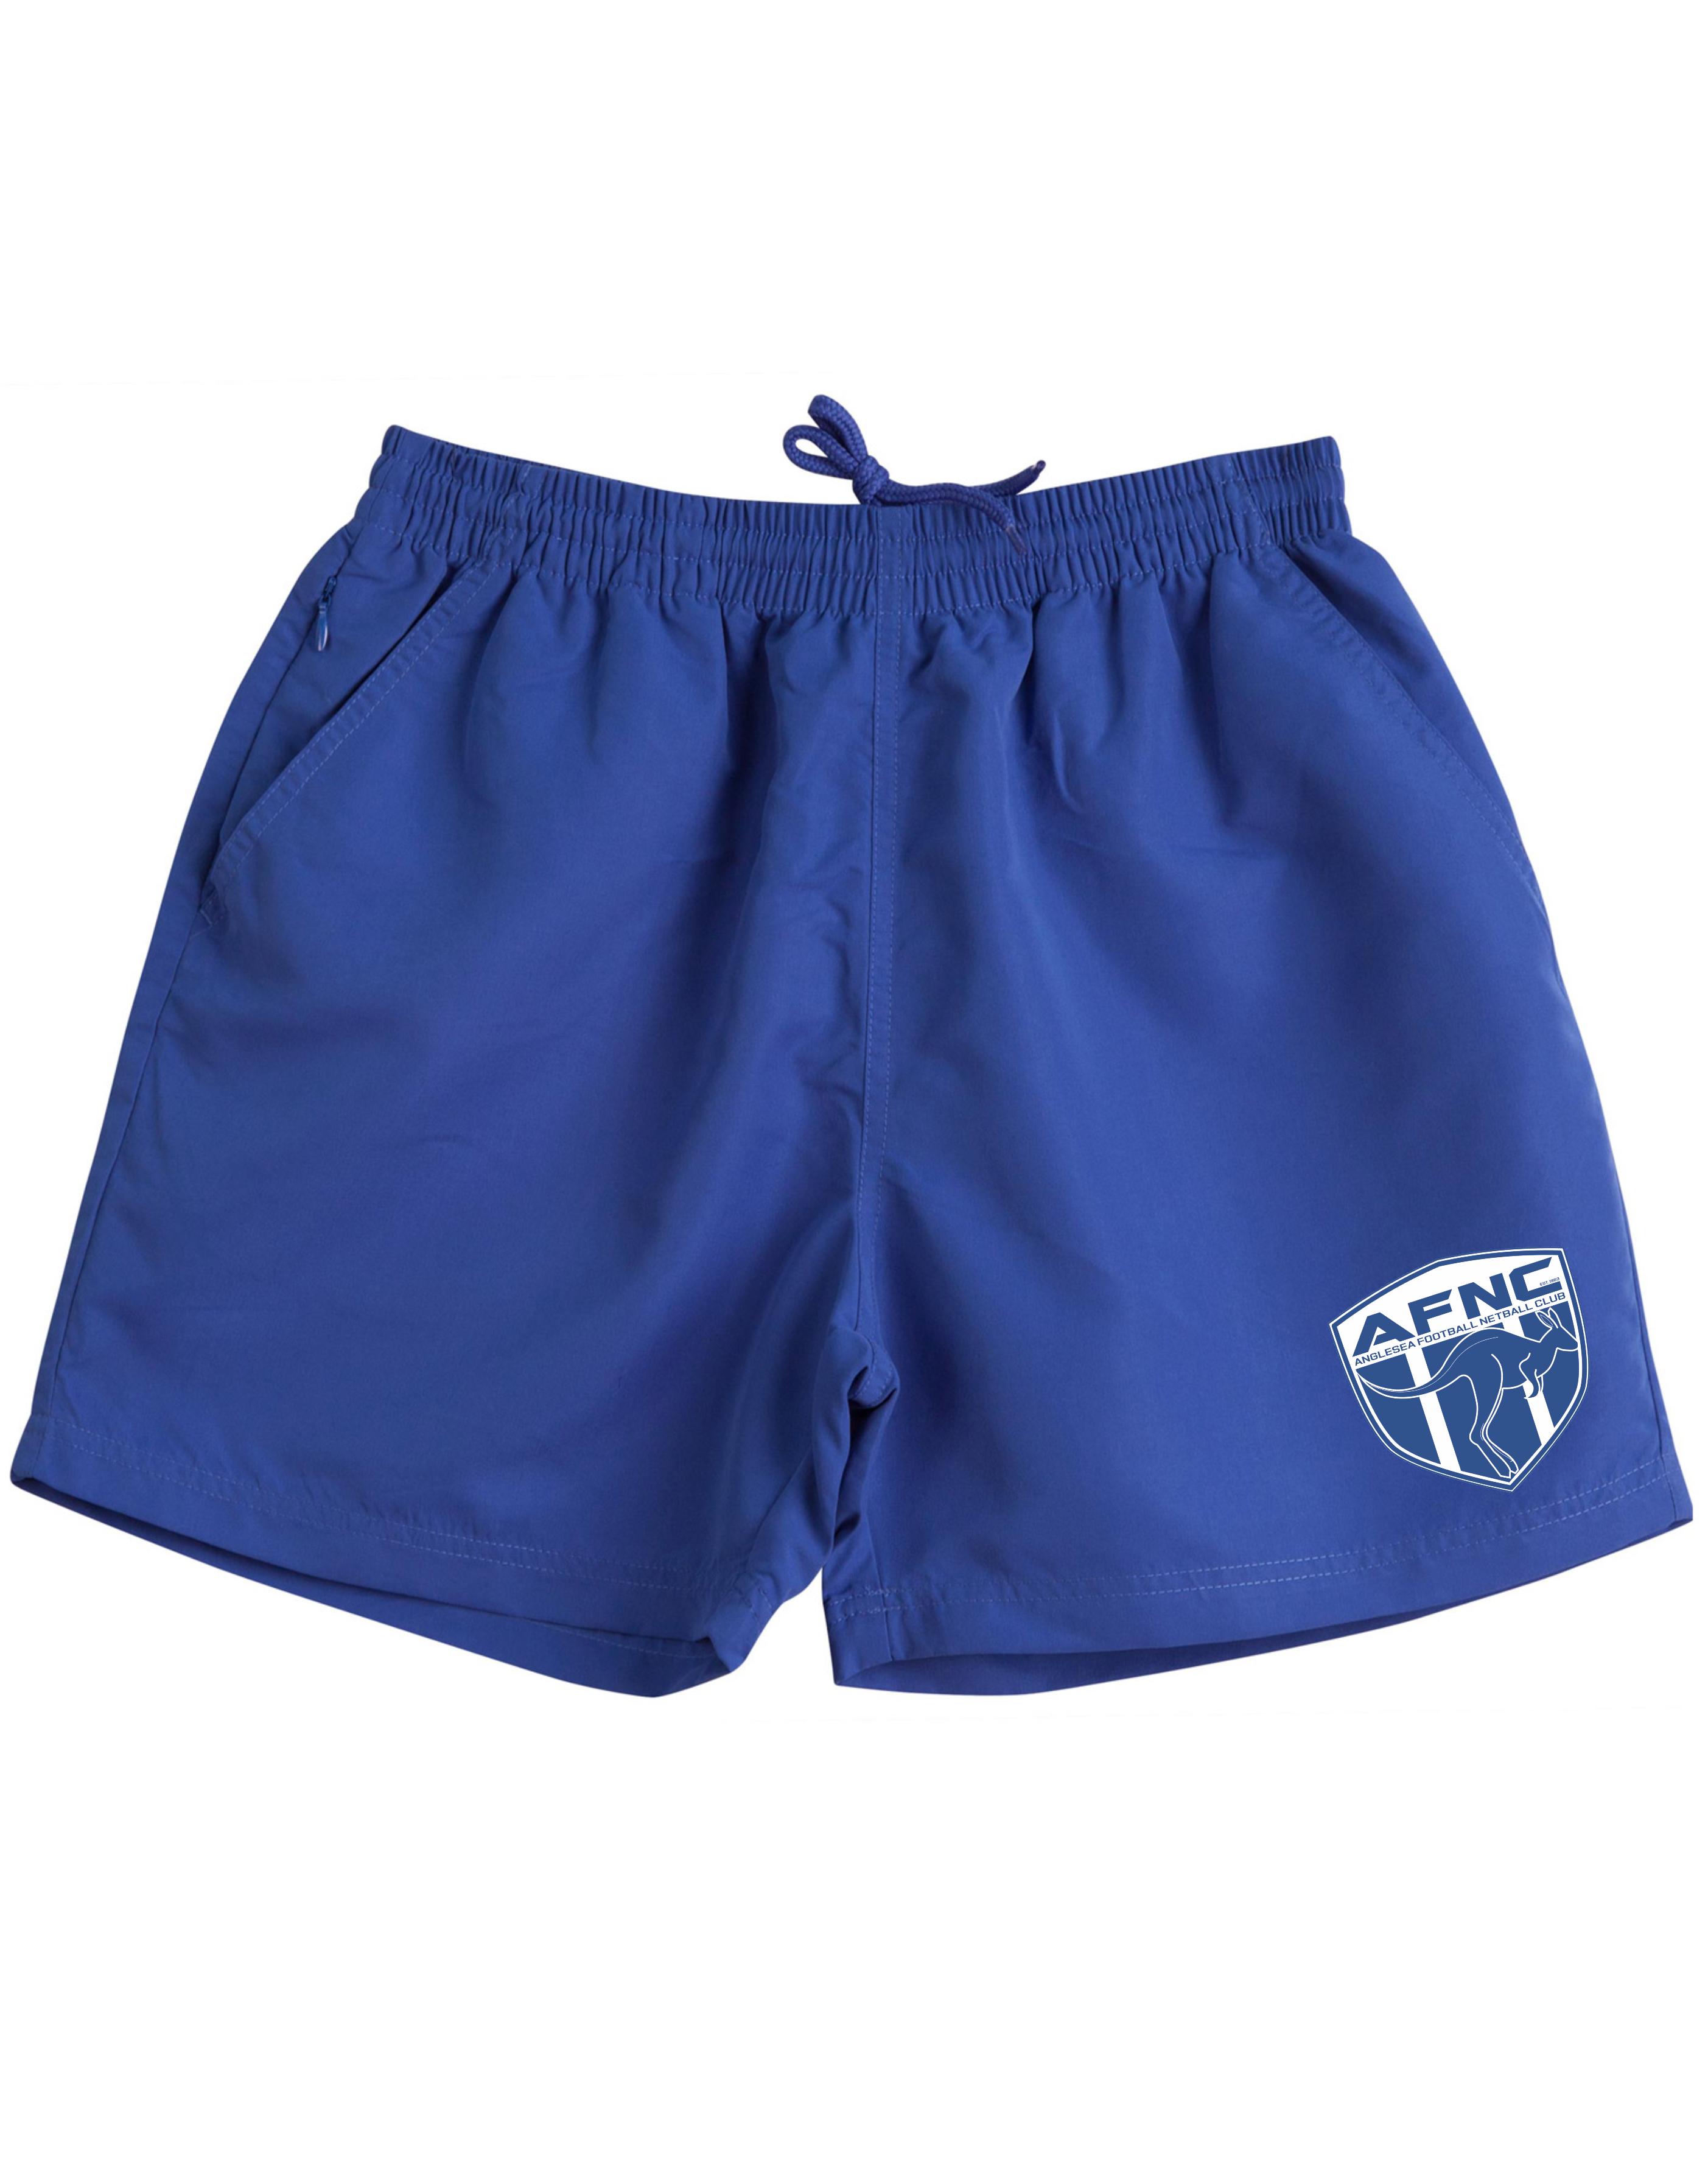 Kids & Adults Royal Unisex Training Shorts